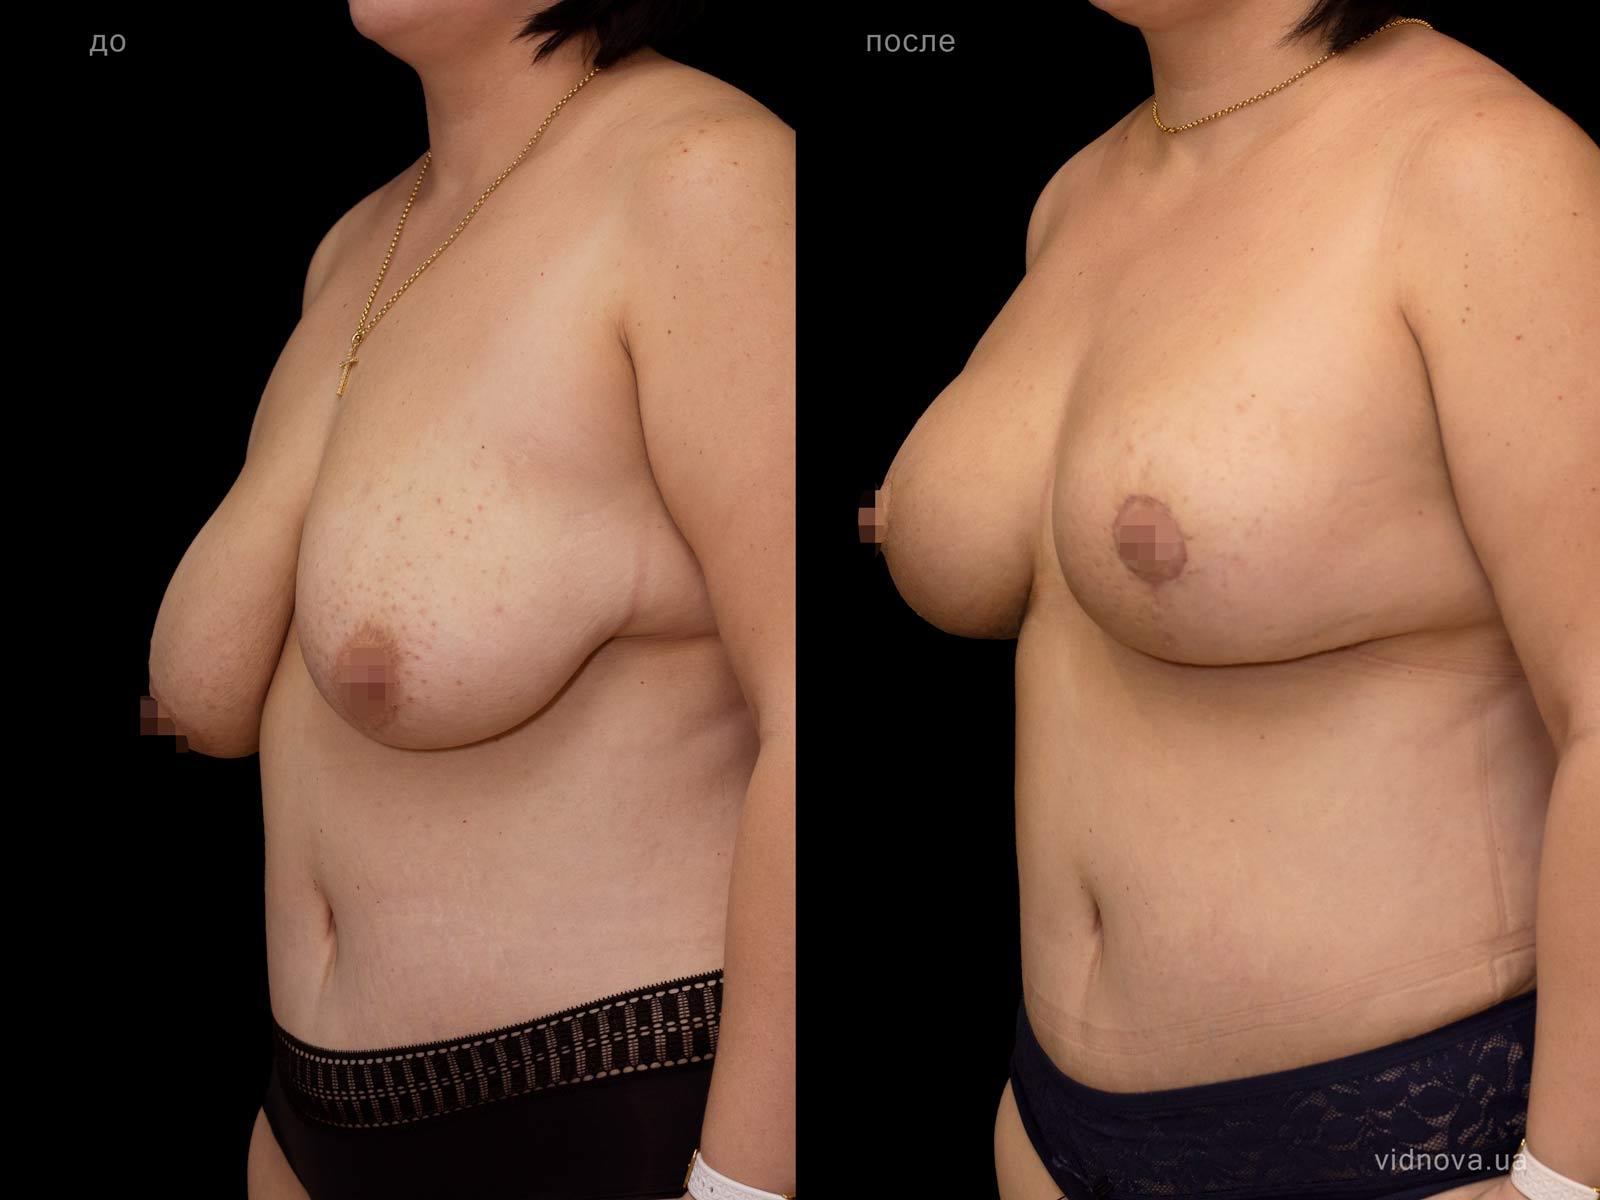 Пластика груди: результаты до и после - Пример №77-1 - Светлана Работенко